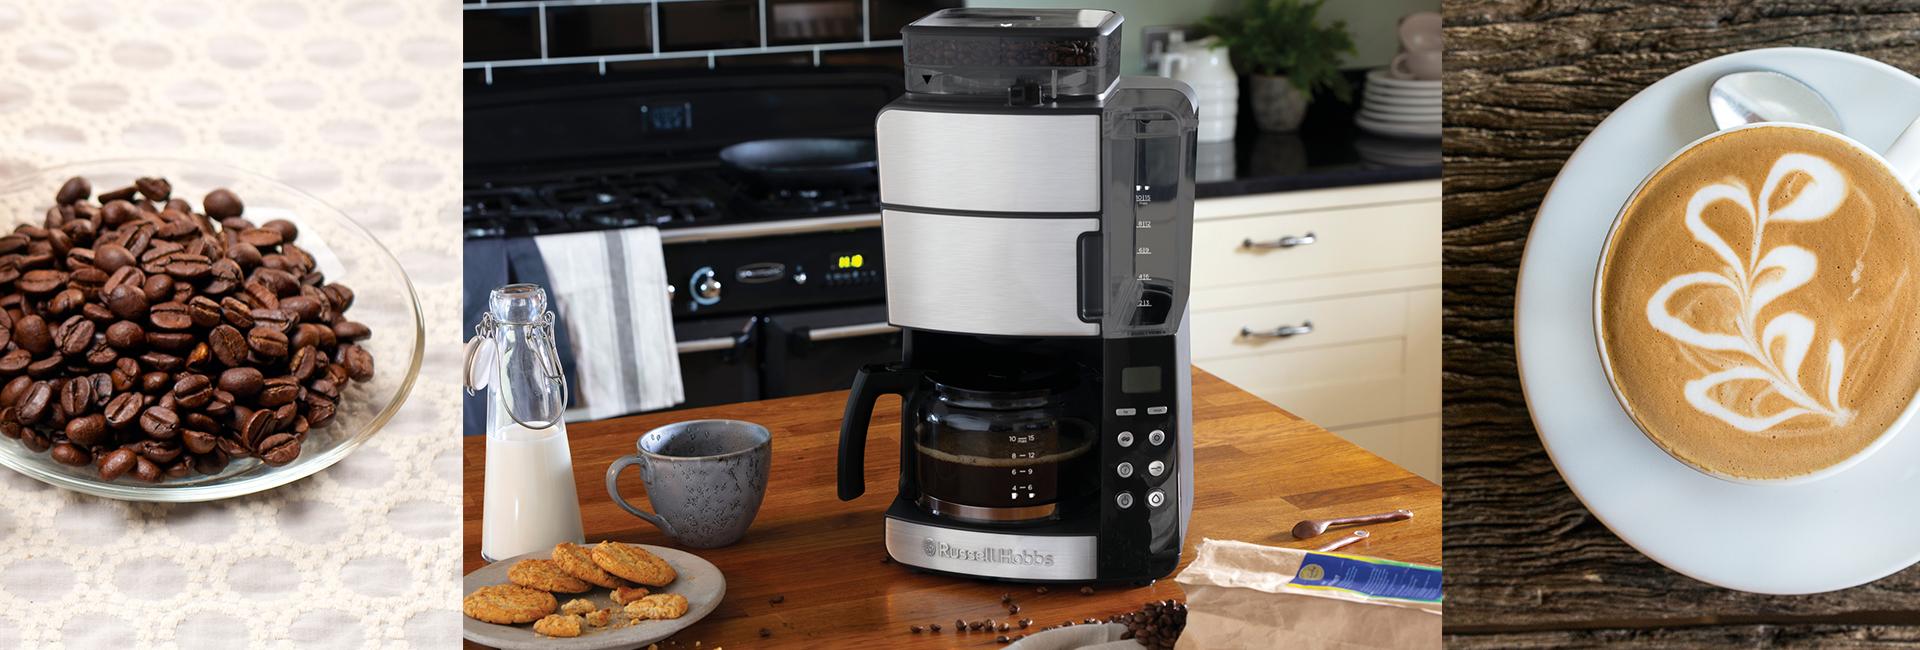 Kaffeemaschine von Russel Hobbs